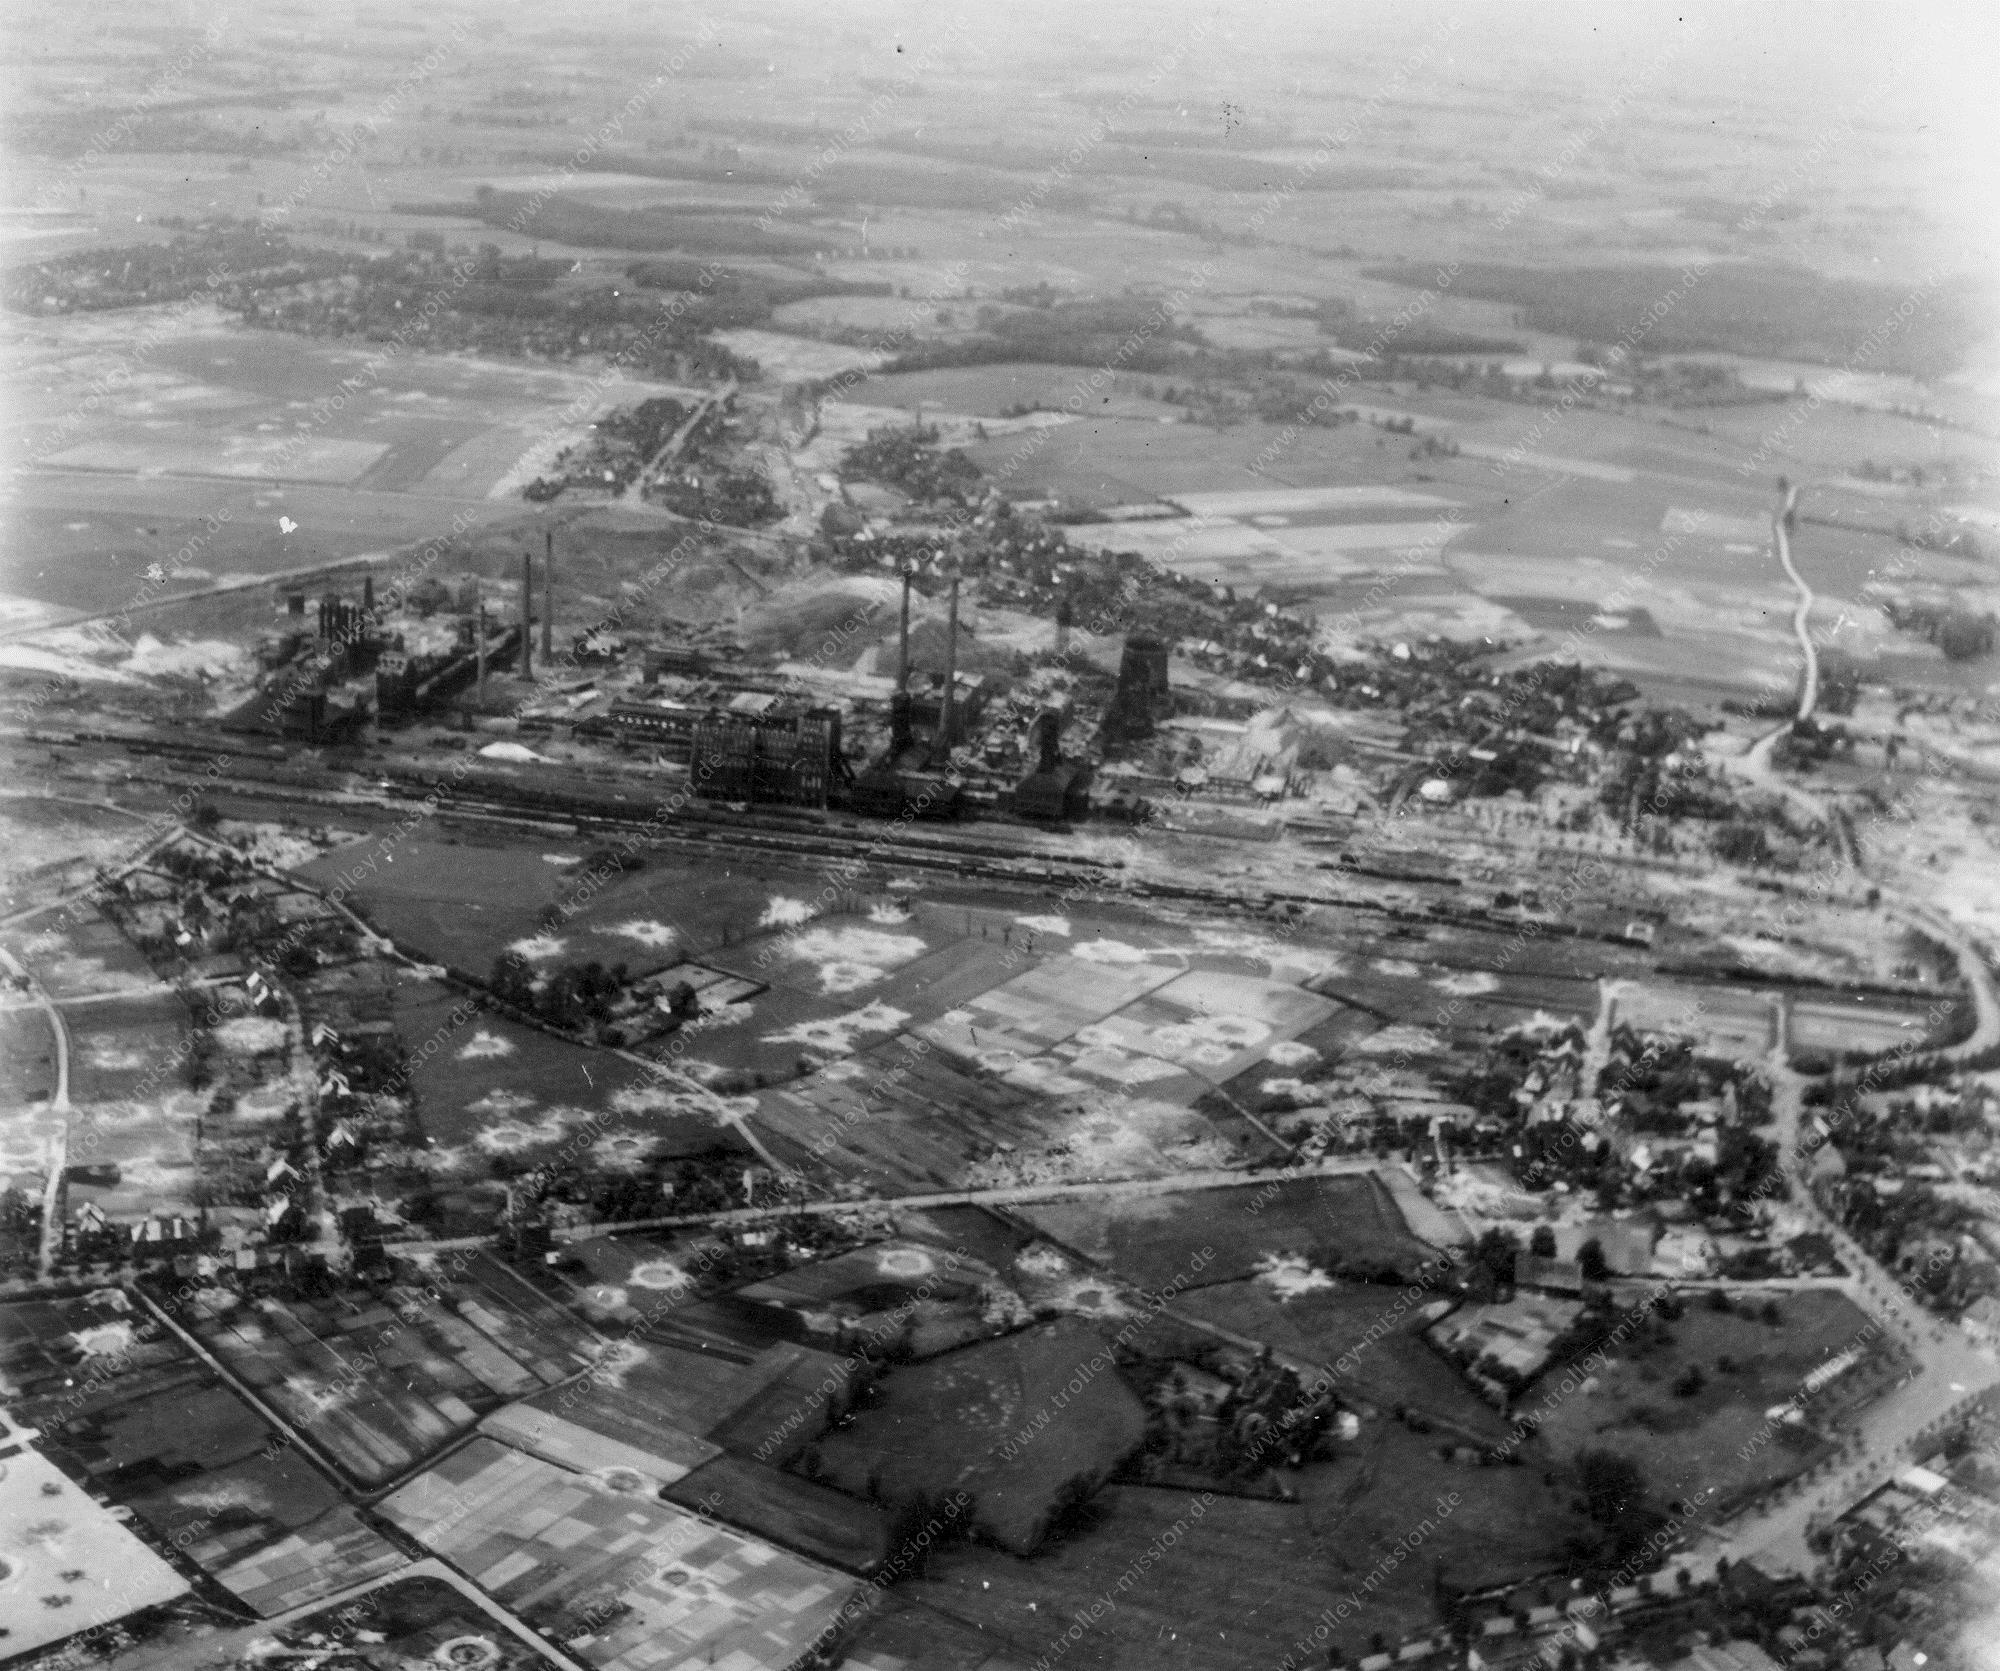 Unbekanntes Luftbild Stahlwerk und Bombenkrater und Trümmer